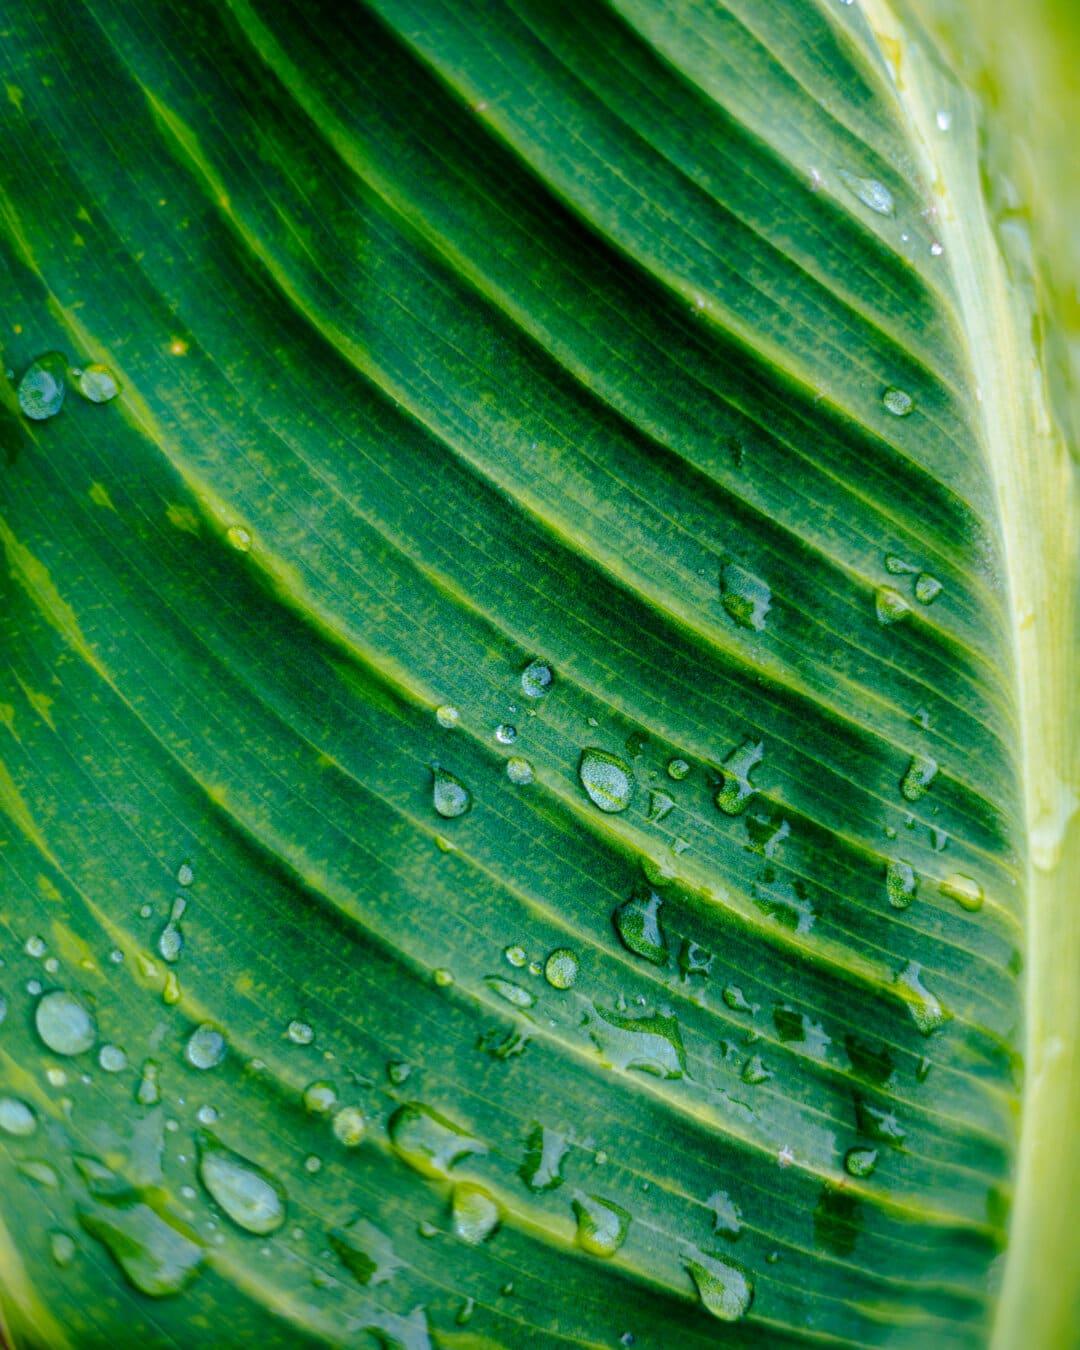 goutte de pluie, rosée, feuille verte, nature, pluie, laisser tomber, feuille, flore, veine, Résumé